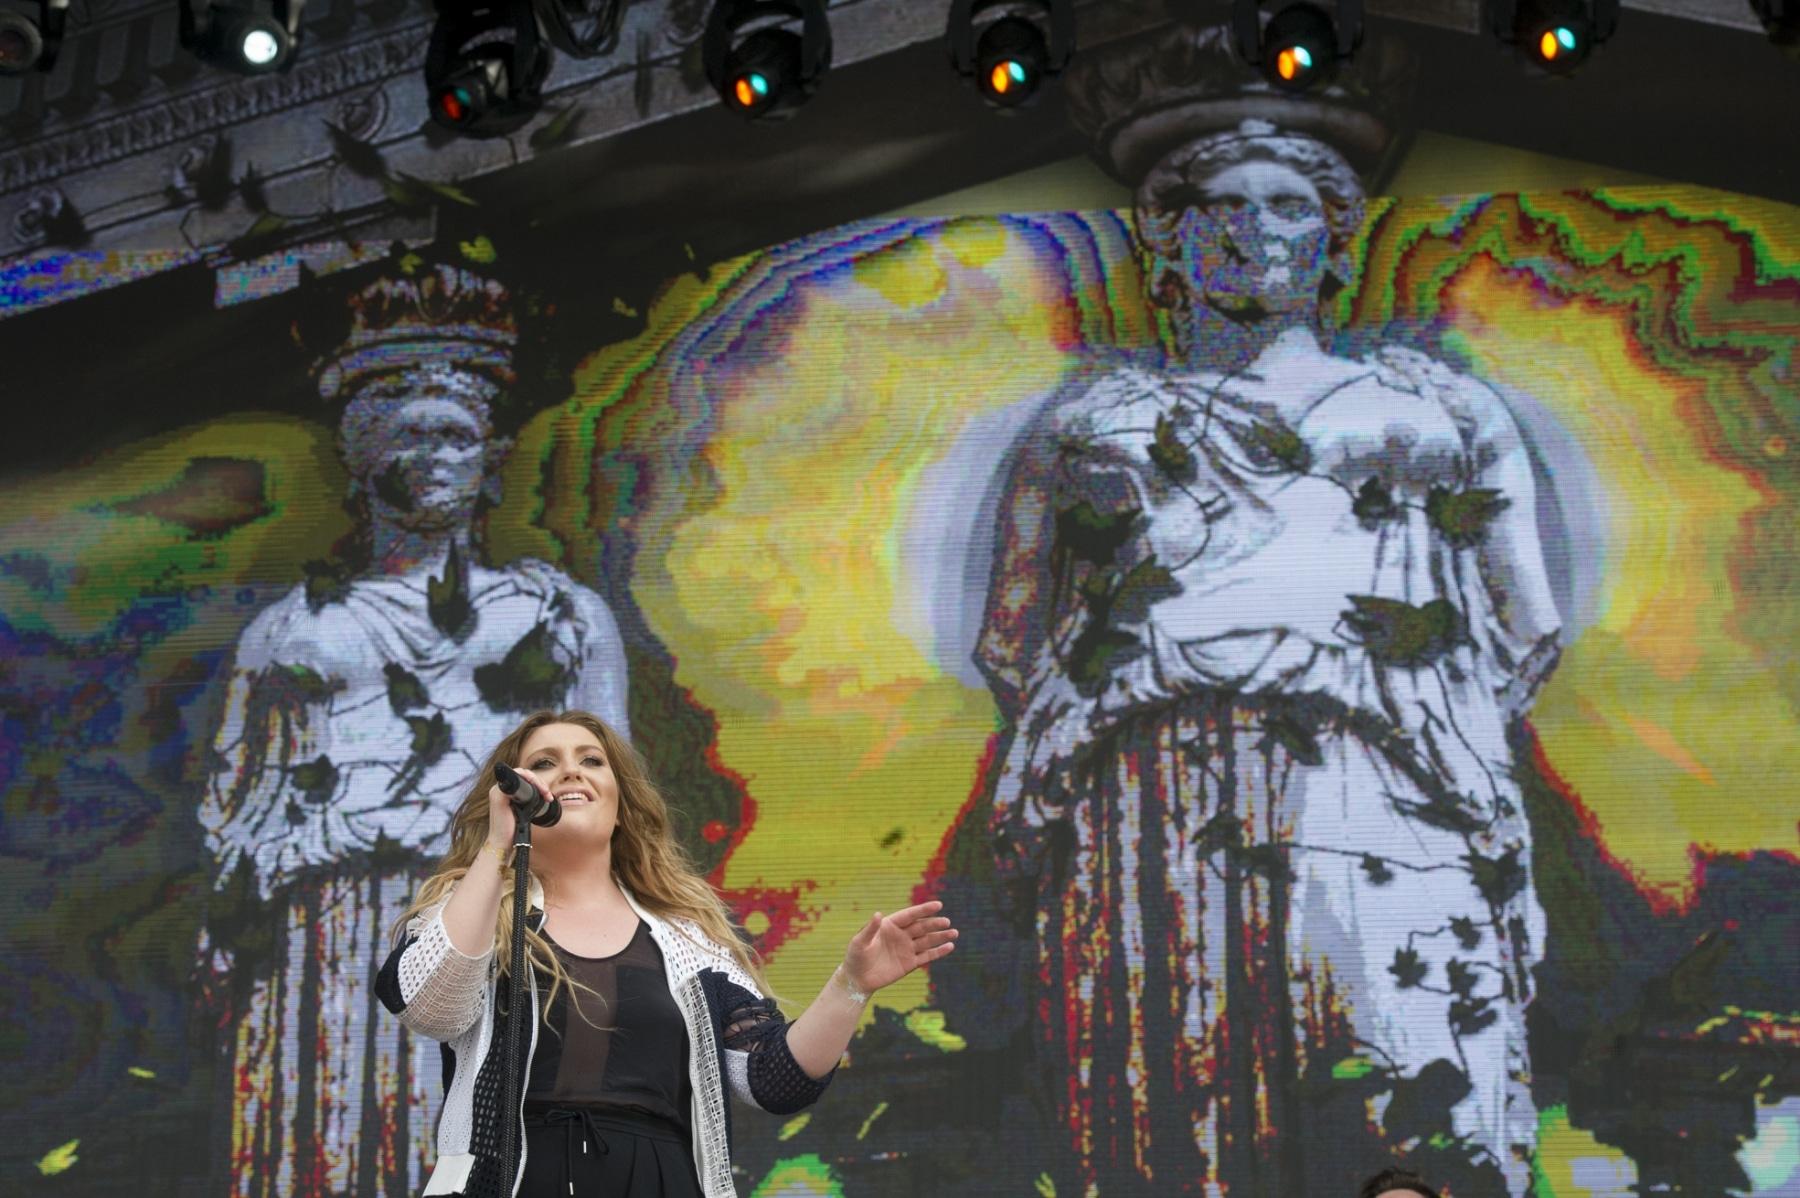 6-septiembre-2015-gibraltar-music-festival-2015-iii67_21224337551_o